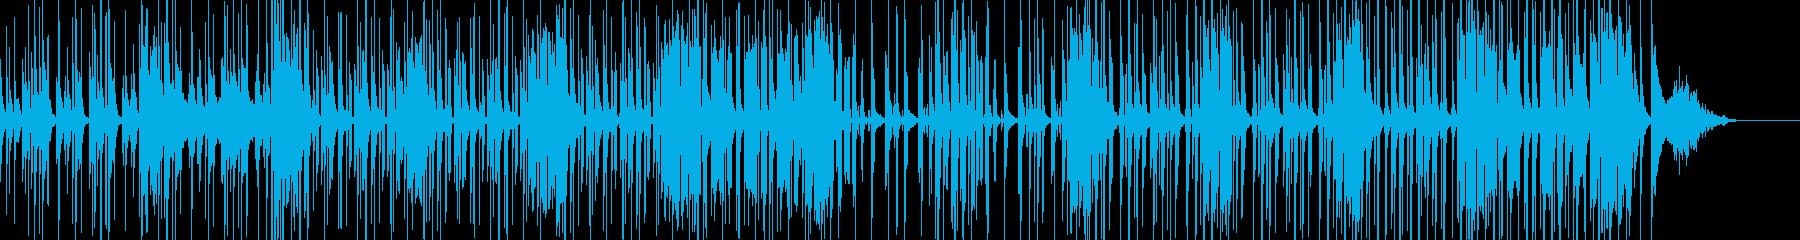 コメディやギャグに適したBGM bの再生済みの波形